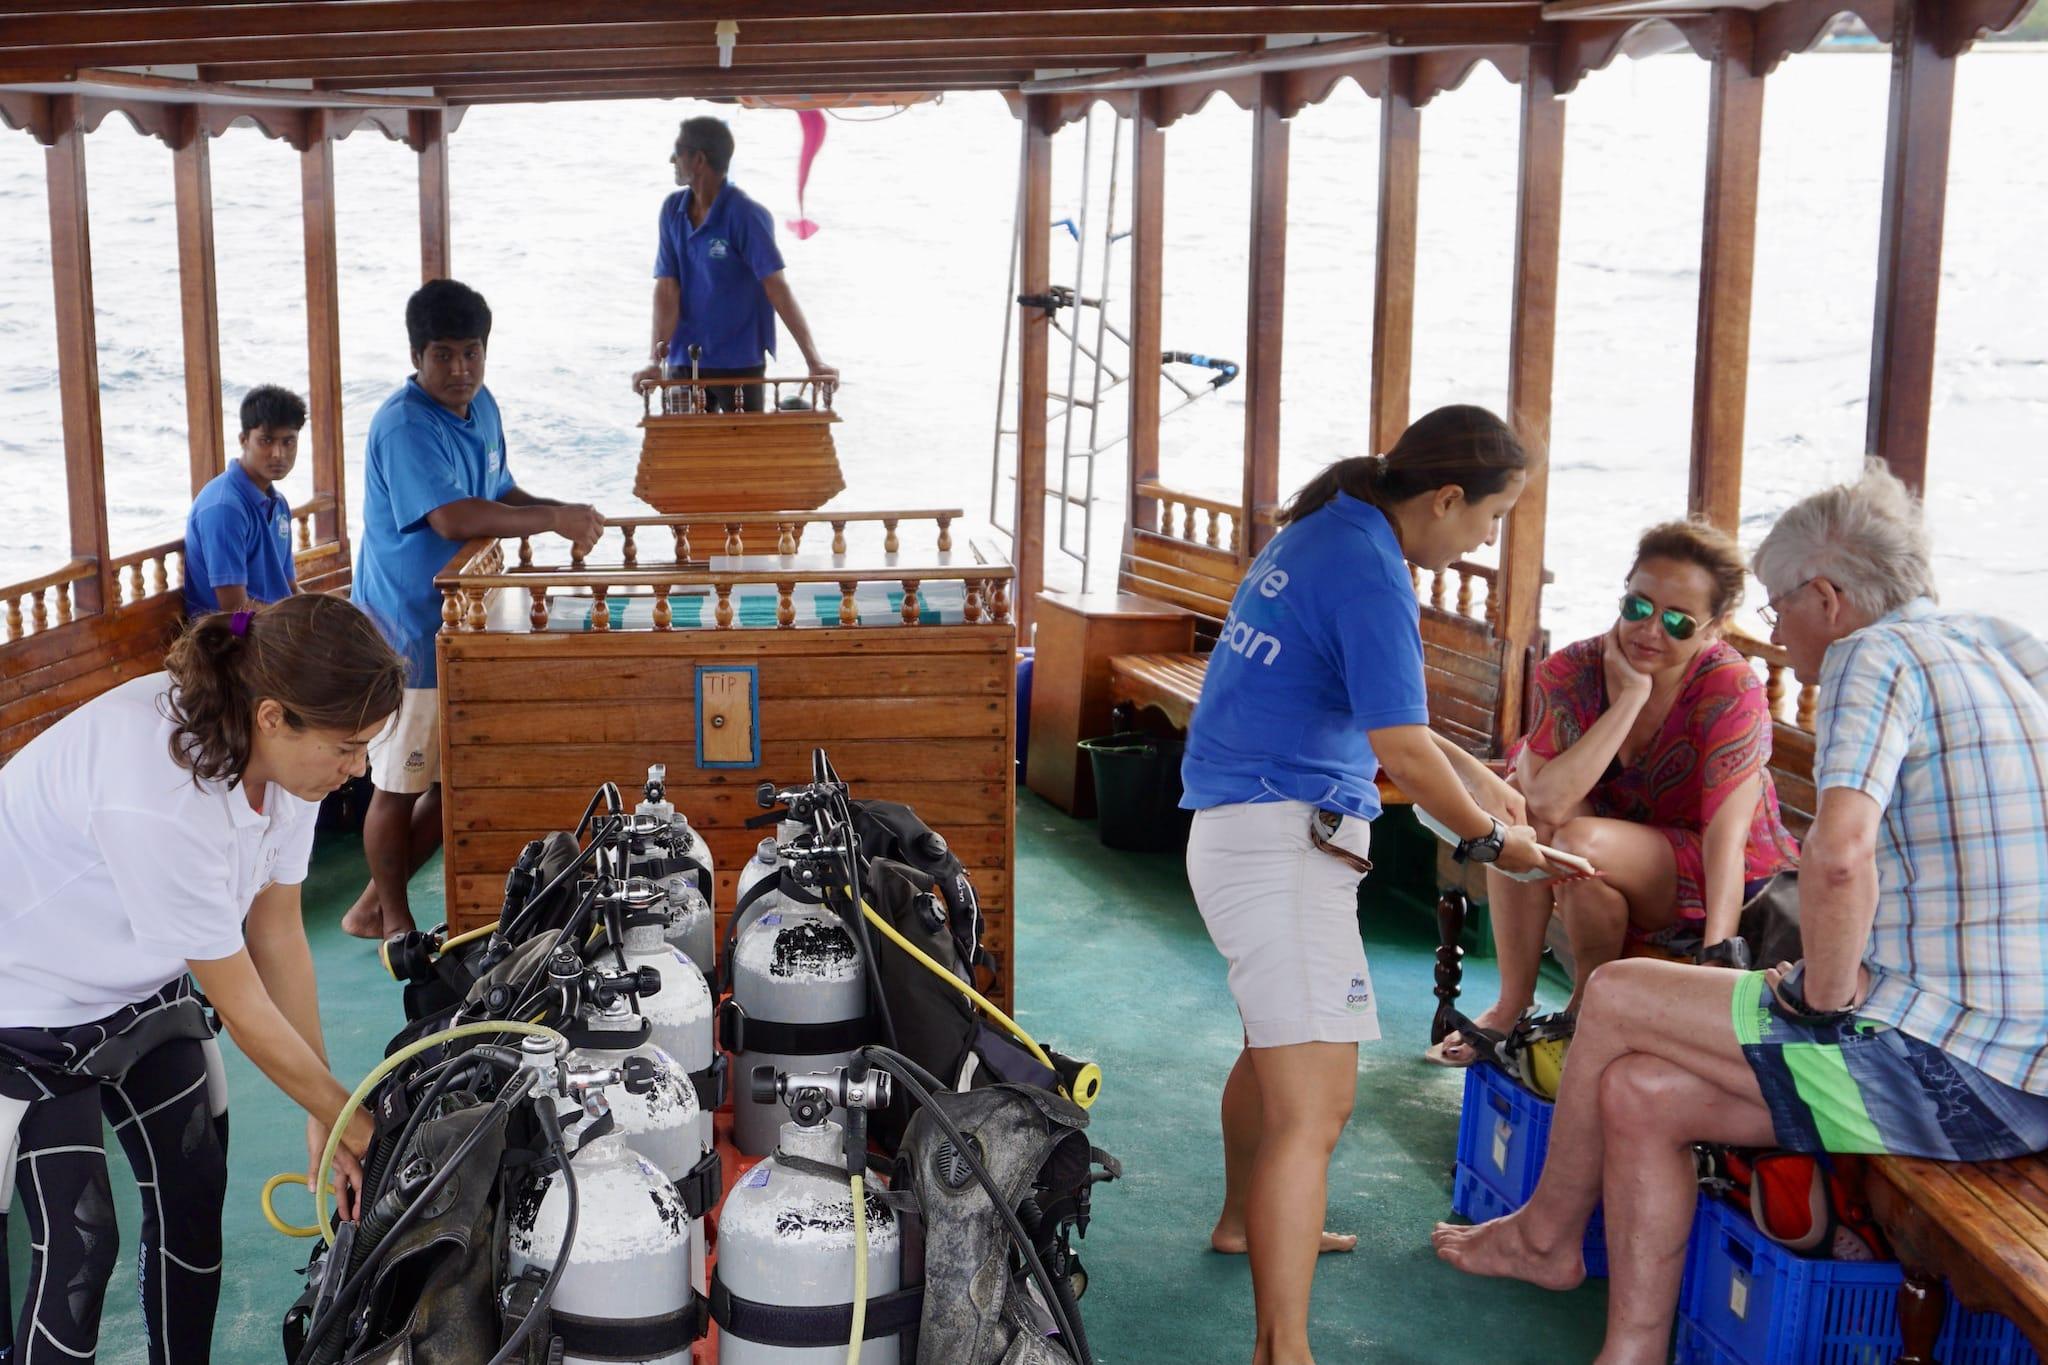 Dive Ocean Bodu Hithi (Bodu Hithi Dive Center): Mit dem traditionellen Dhoni geht es mehrmals täglich zu über 30 verschiedenen Tauchplätzen. Foto: Sascha Tegtmeyer